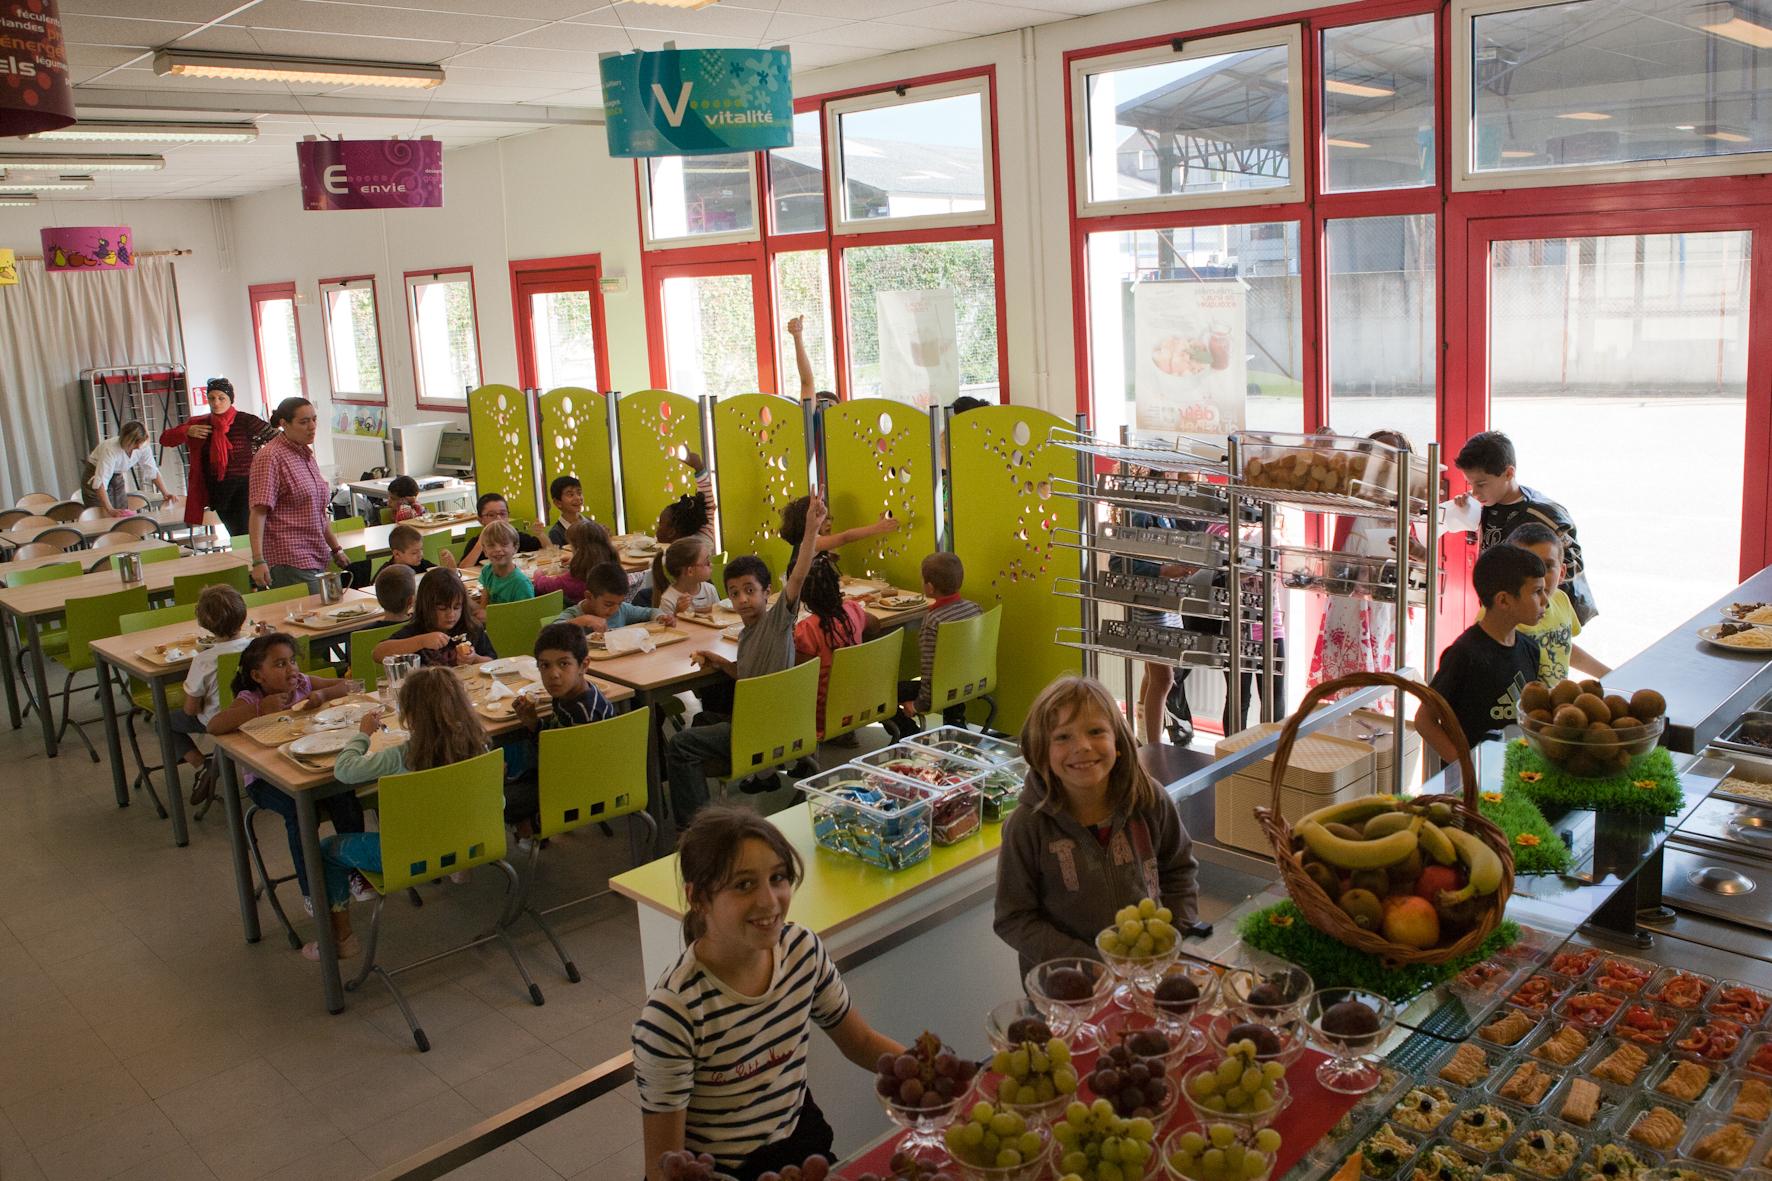 École Notre-Dame - Saint-Thomas D'aquin-Veritas concernant Piscine Givors